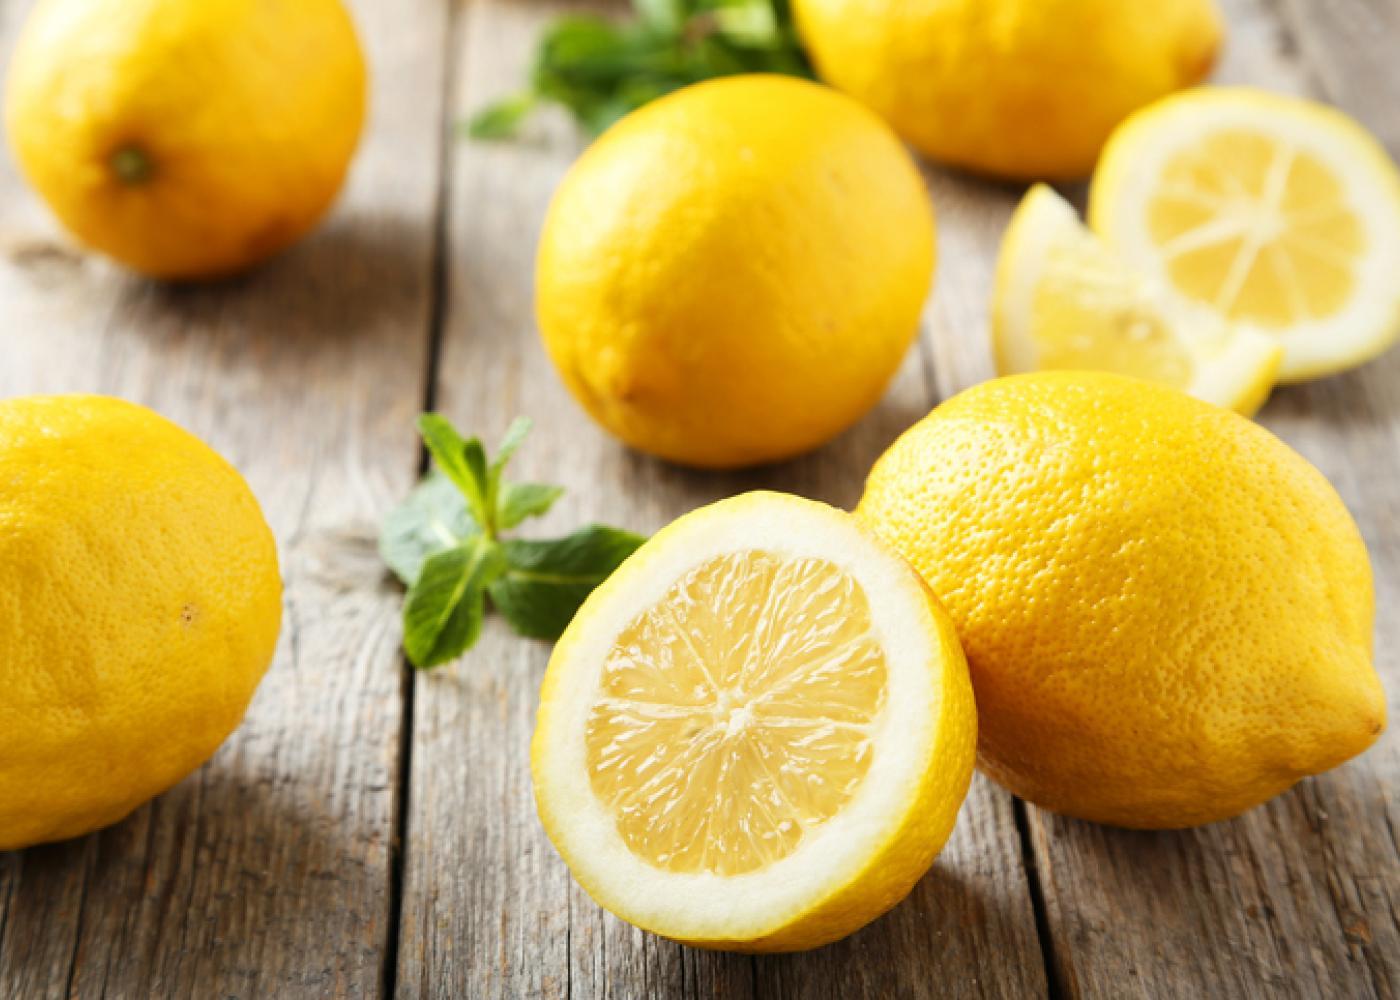 آشنایی با خواص لیمو ترش، پوست و آب لیمو ترش برای سلامتی و زیبایی